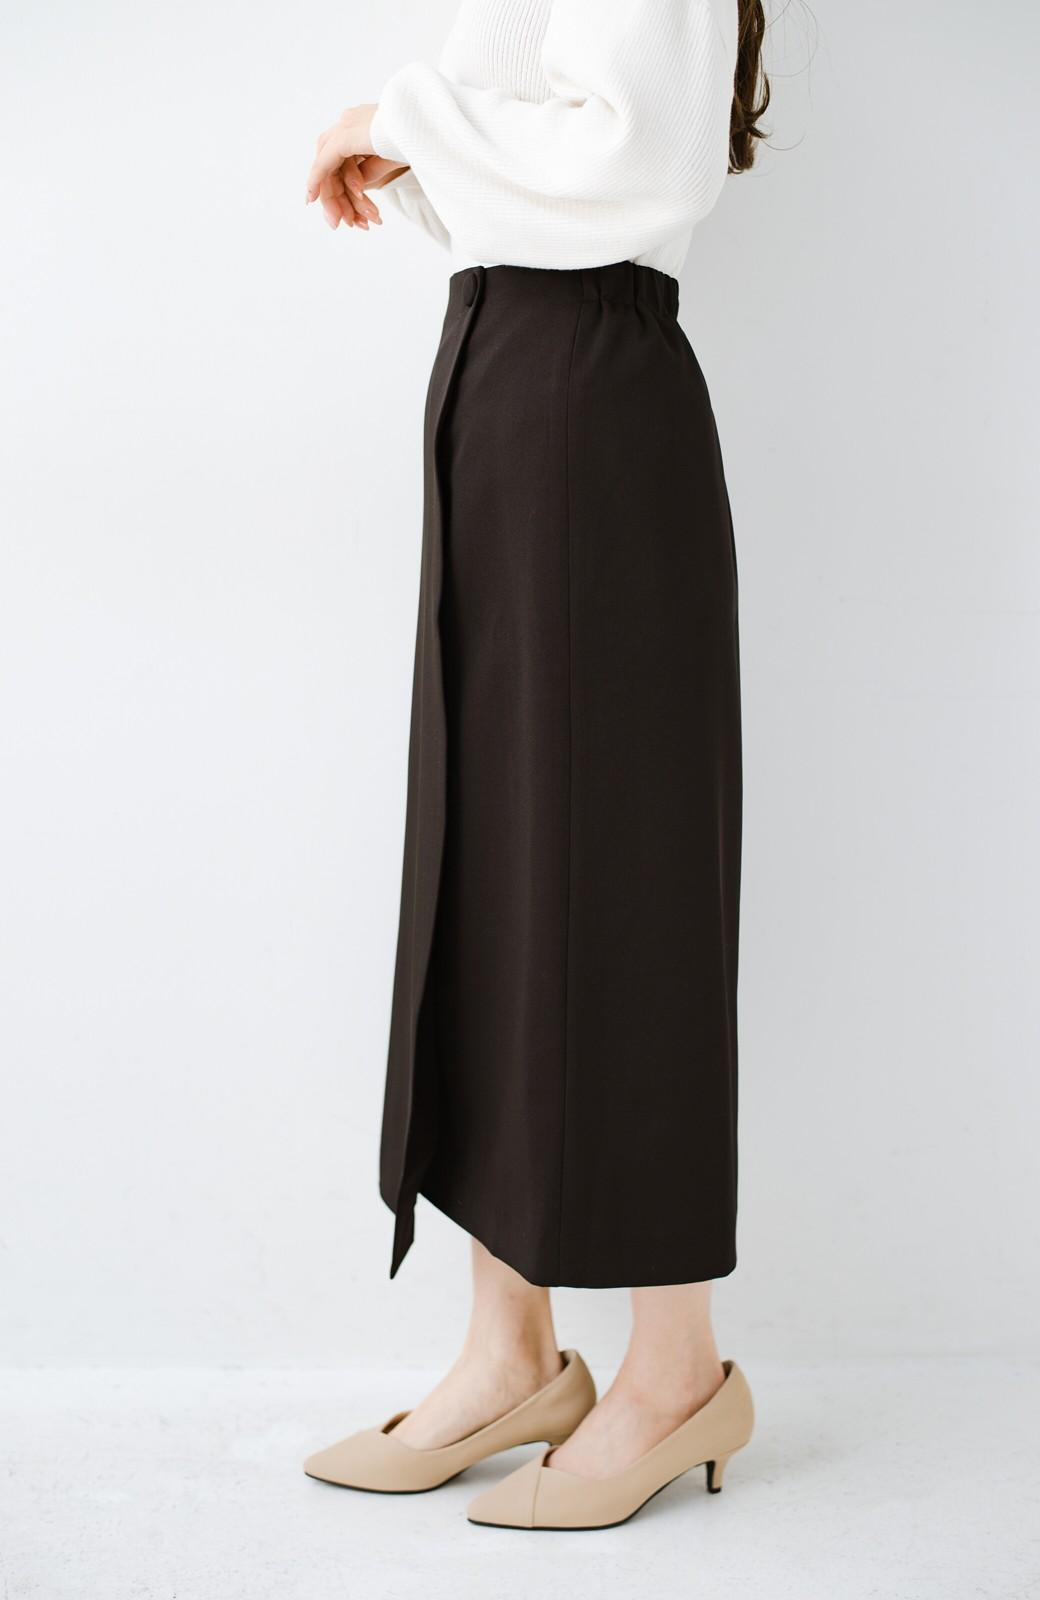 haco! いざというとき困らないための 大人のフォーマルジャケット・スカート2点セット by que made me <ブラック>の商品写真28